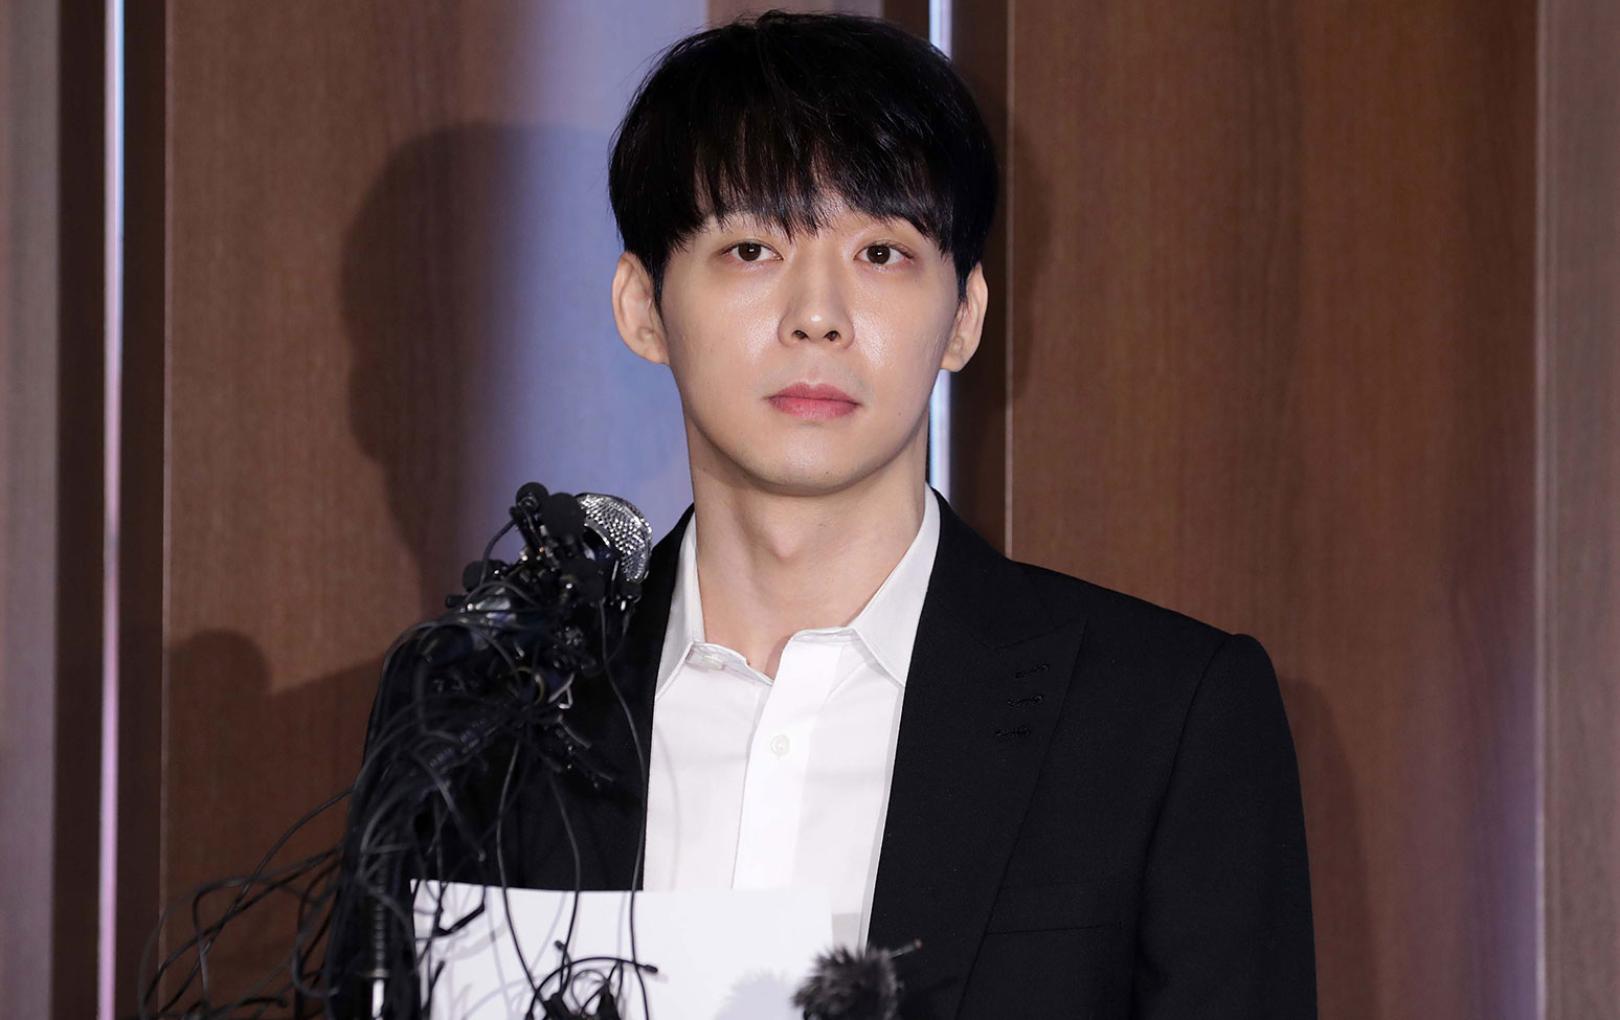 Sau bao lần kêu oan, Park Yoochun (JYJ) đã thừa nhận sử dụng ma túy